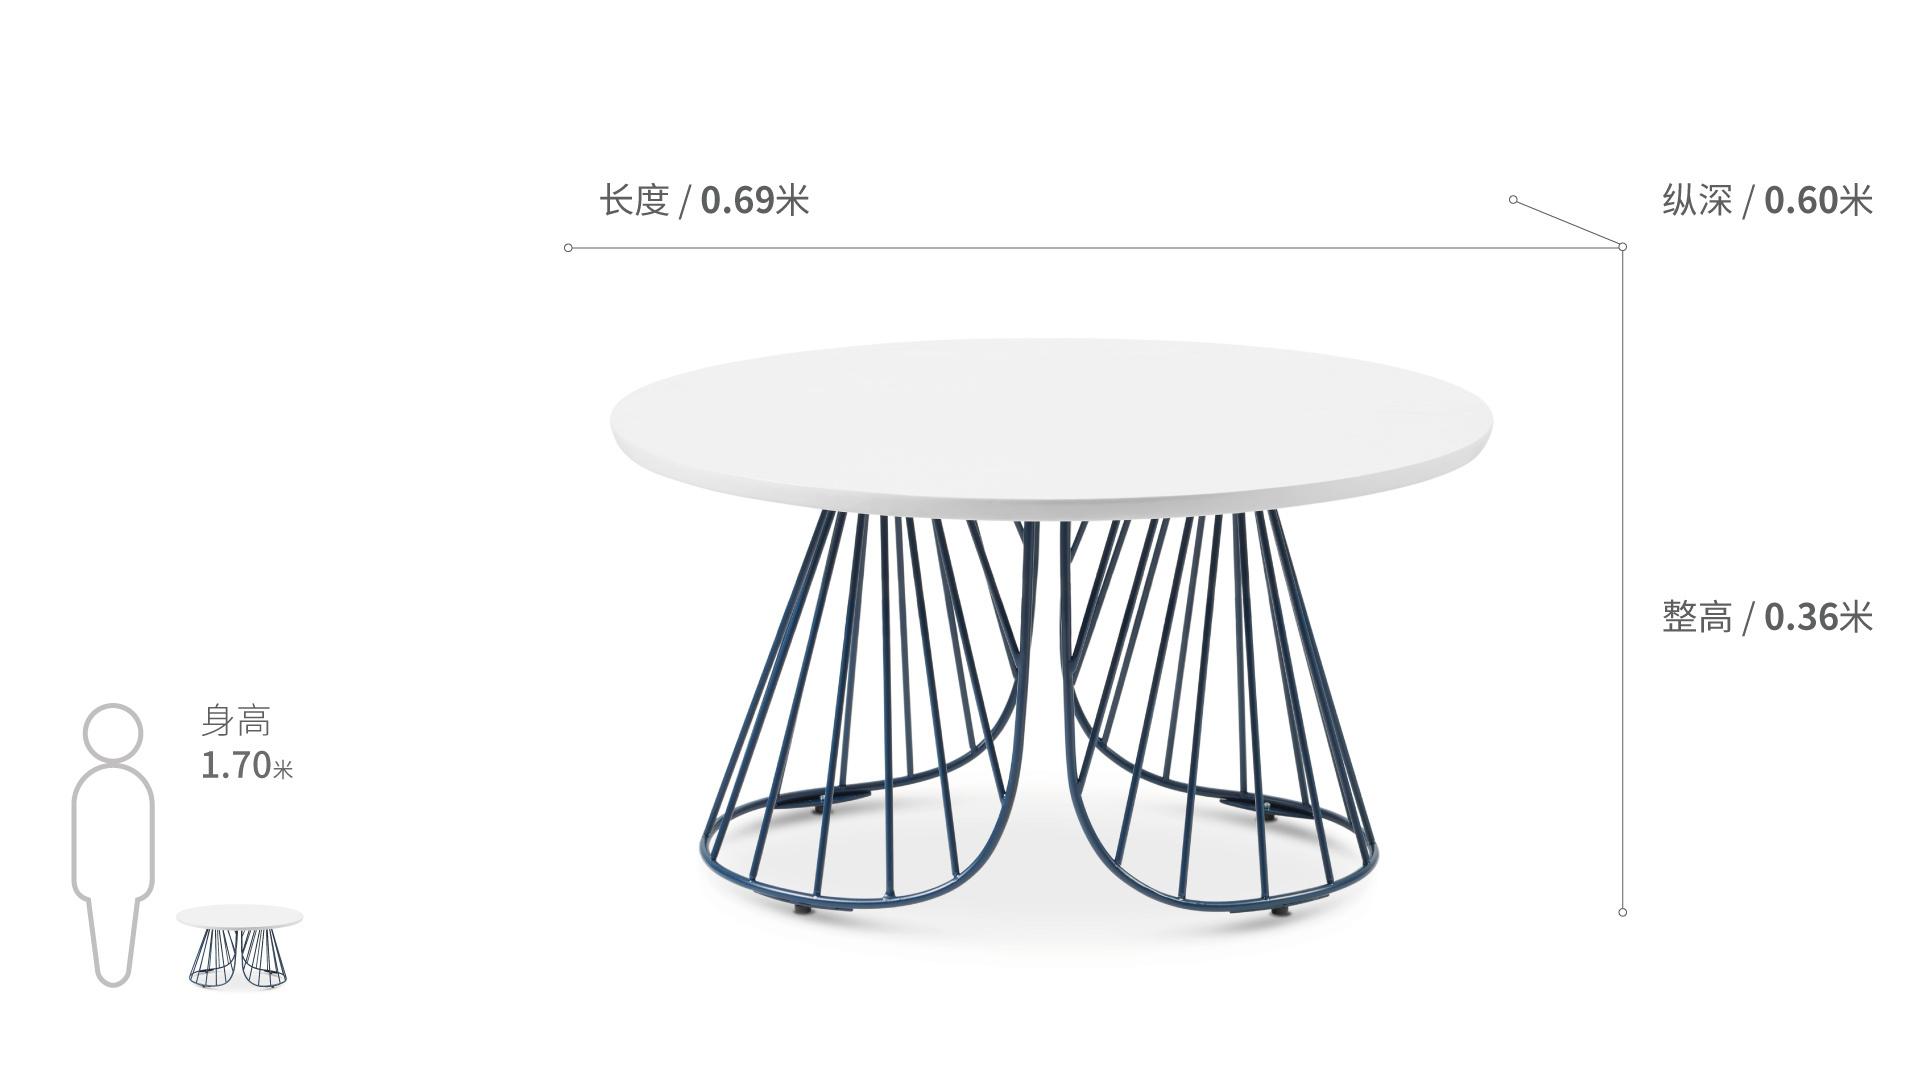 造作蝴蝶边桌®单层桌几效果图